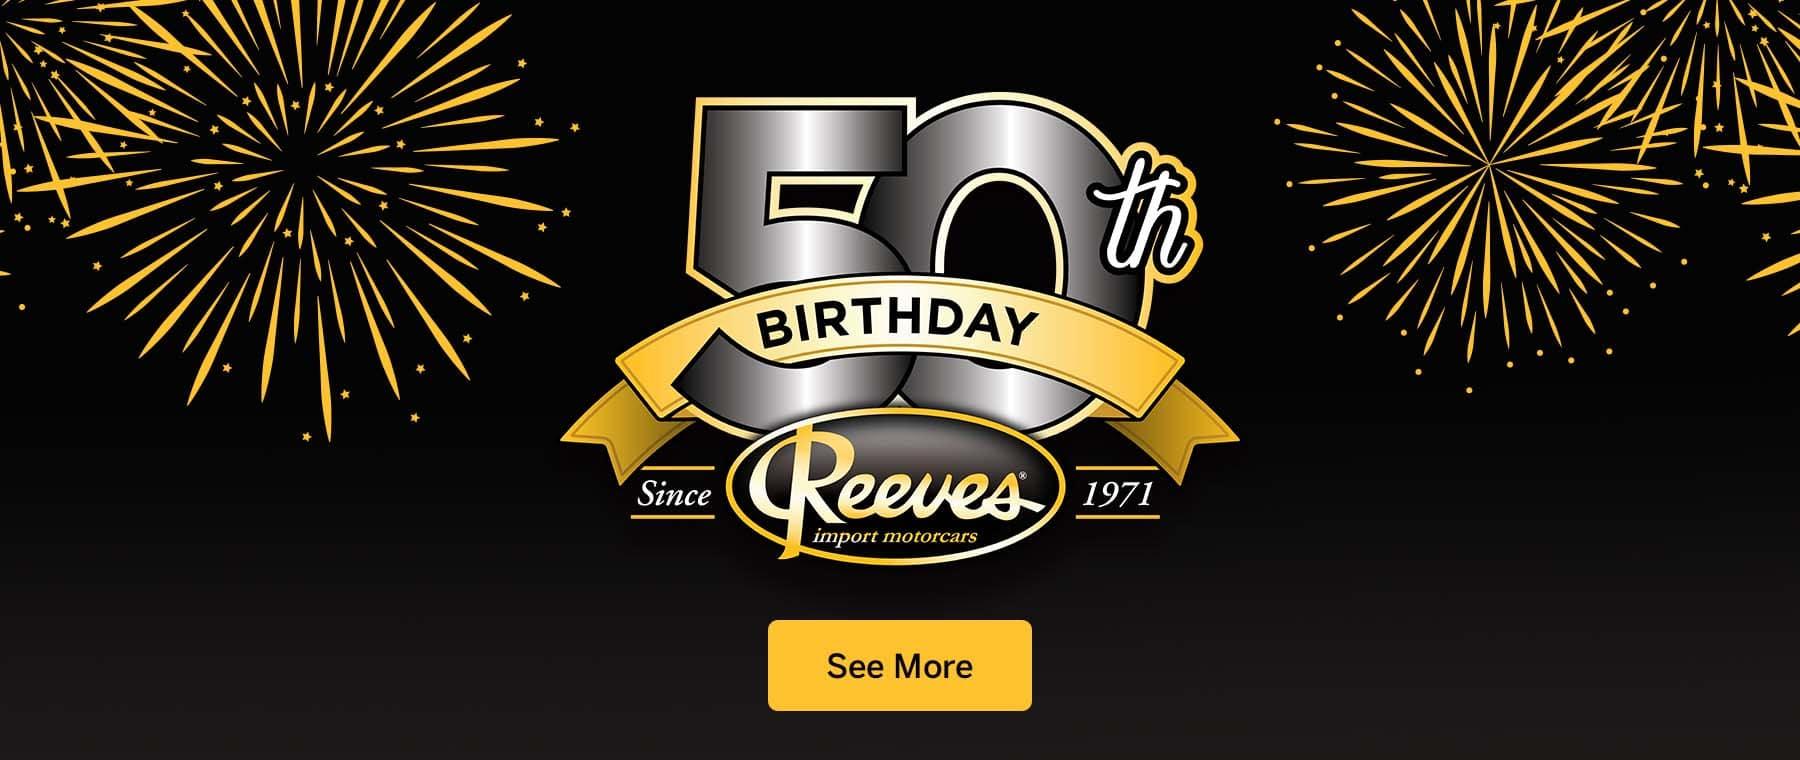 Reeves_50th_Webslide_Final